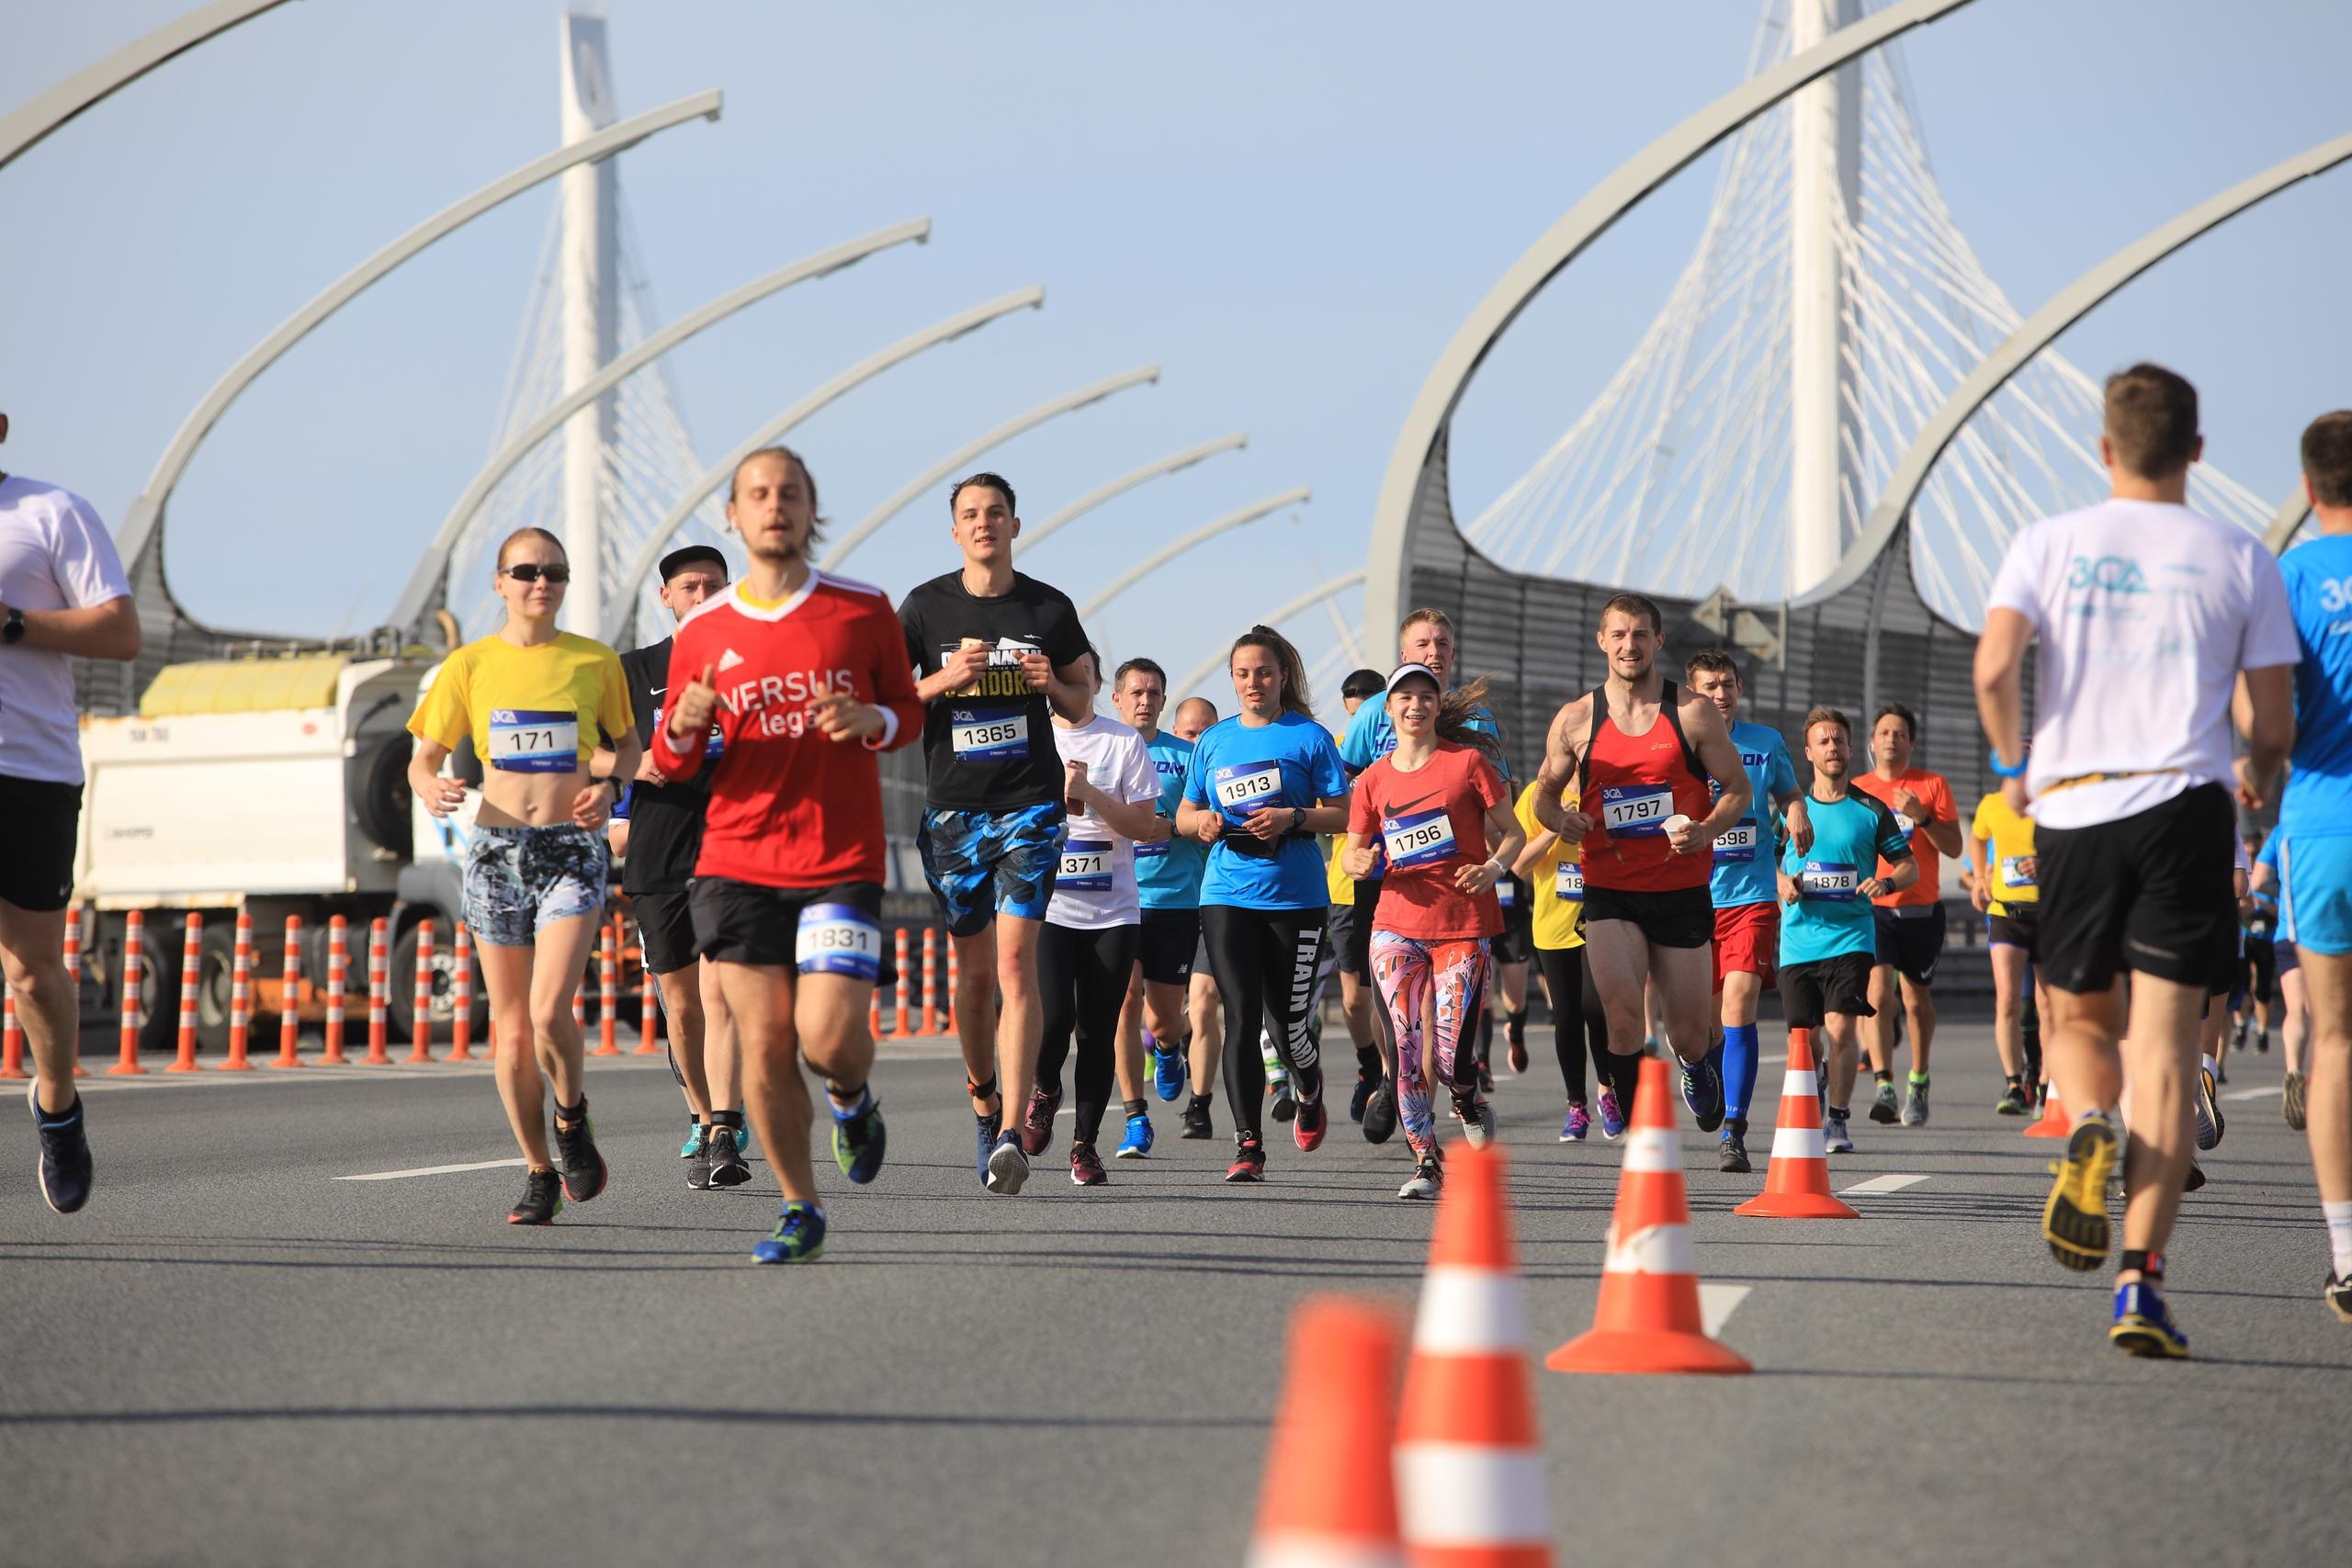 ЗСД-Фонтанка Фест – фестиваль для любителей бега и велосипедистов. Успейте зарегистрироваться до 20 мая